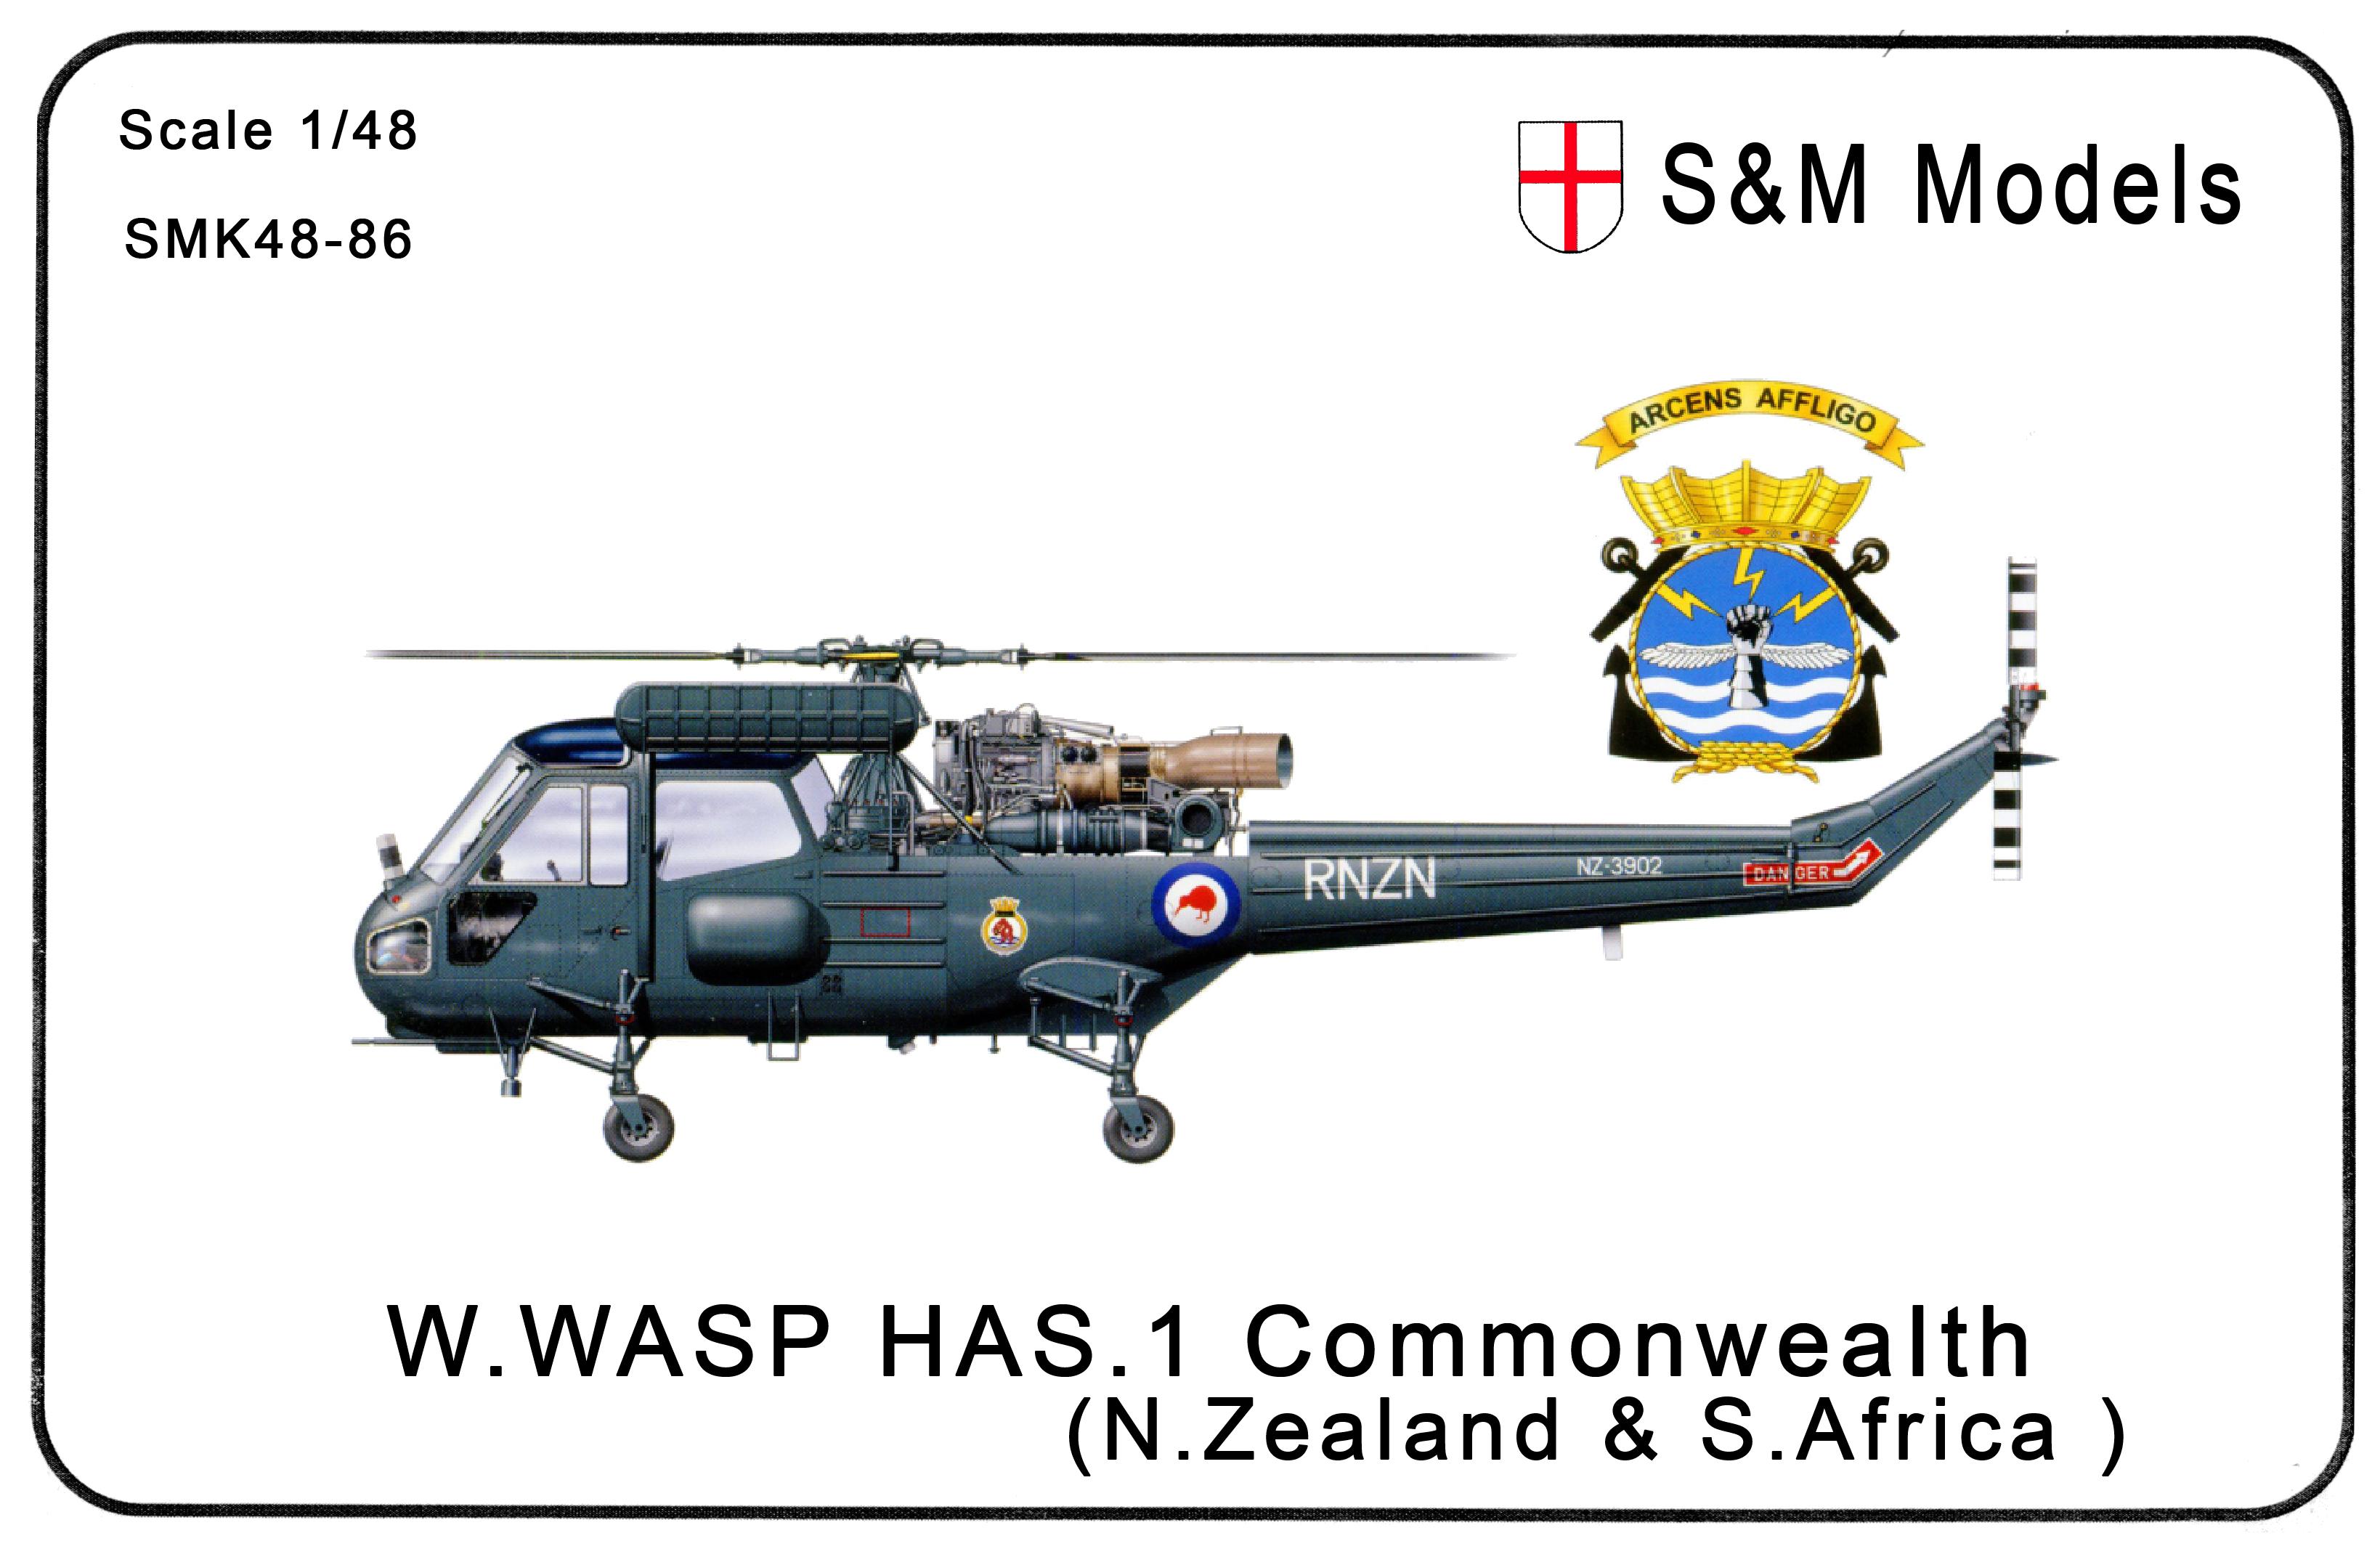 SMK48-86